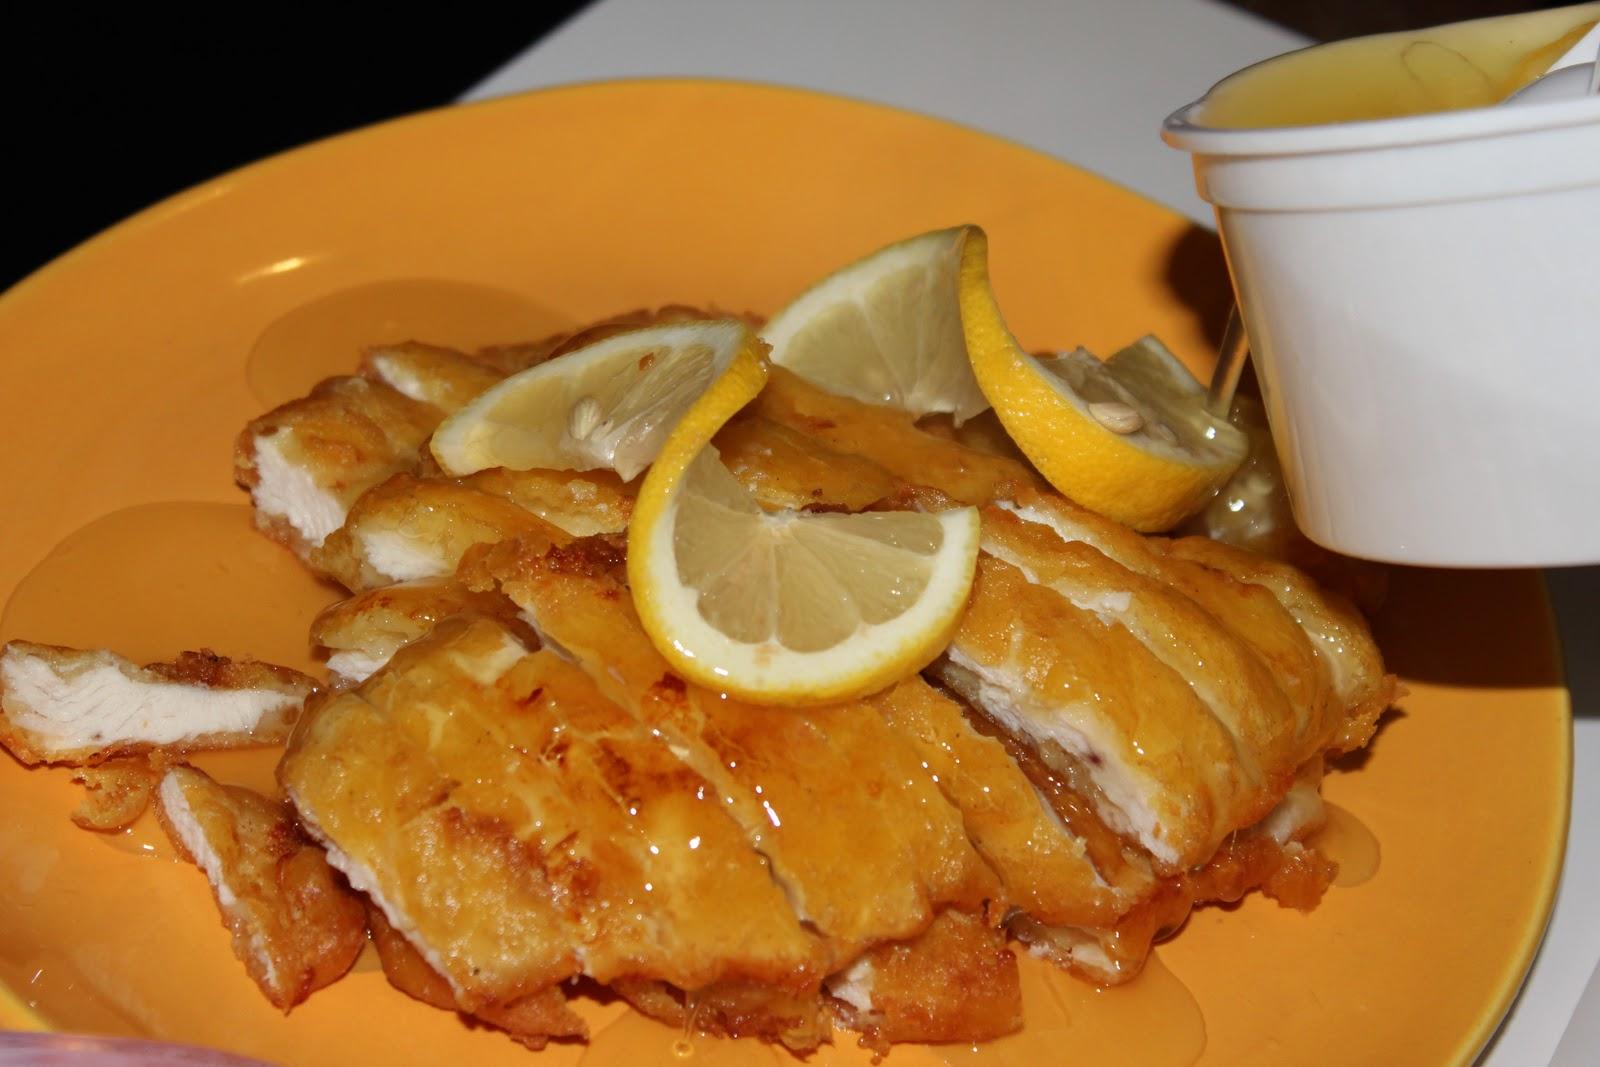 Recetas de cocina faciles para estudiantes pollo al lim n - Pechugas al limon ...